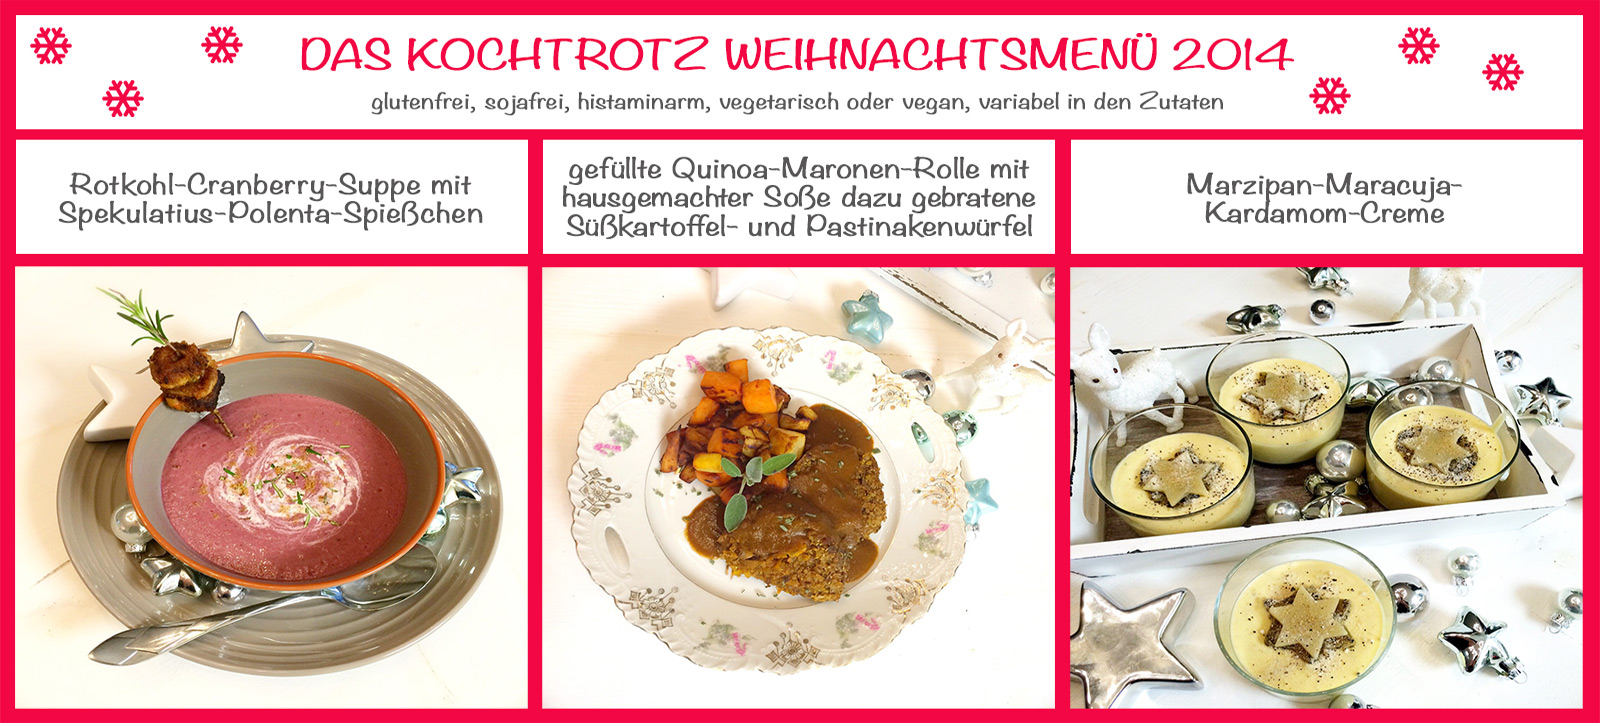 Butter (laktosefrei) - KochTrotz | Foodblog | Genuss trotz ...